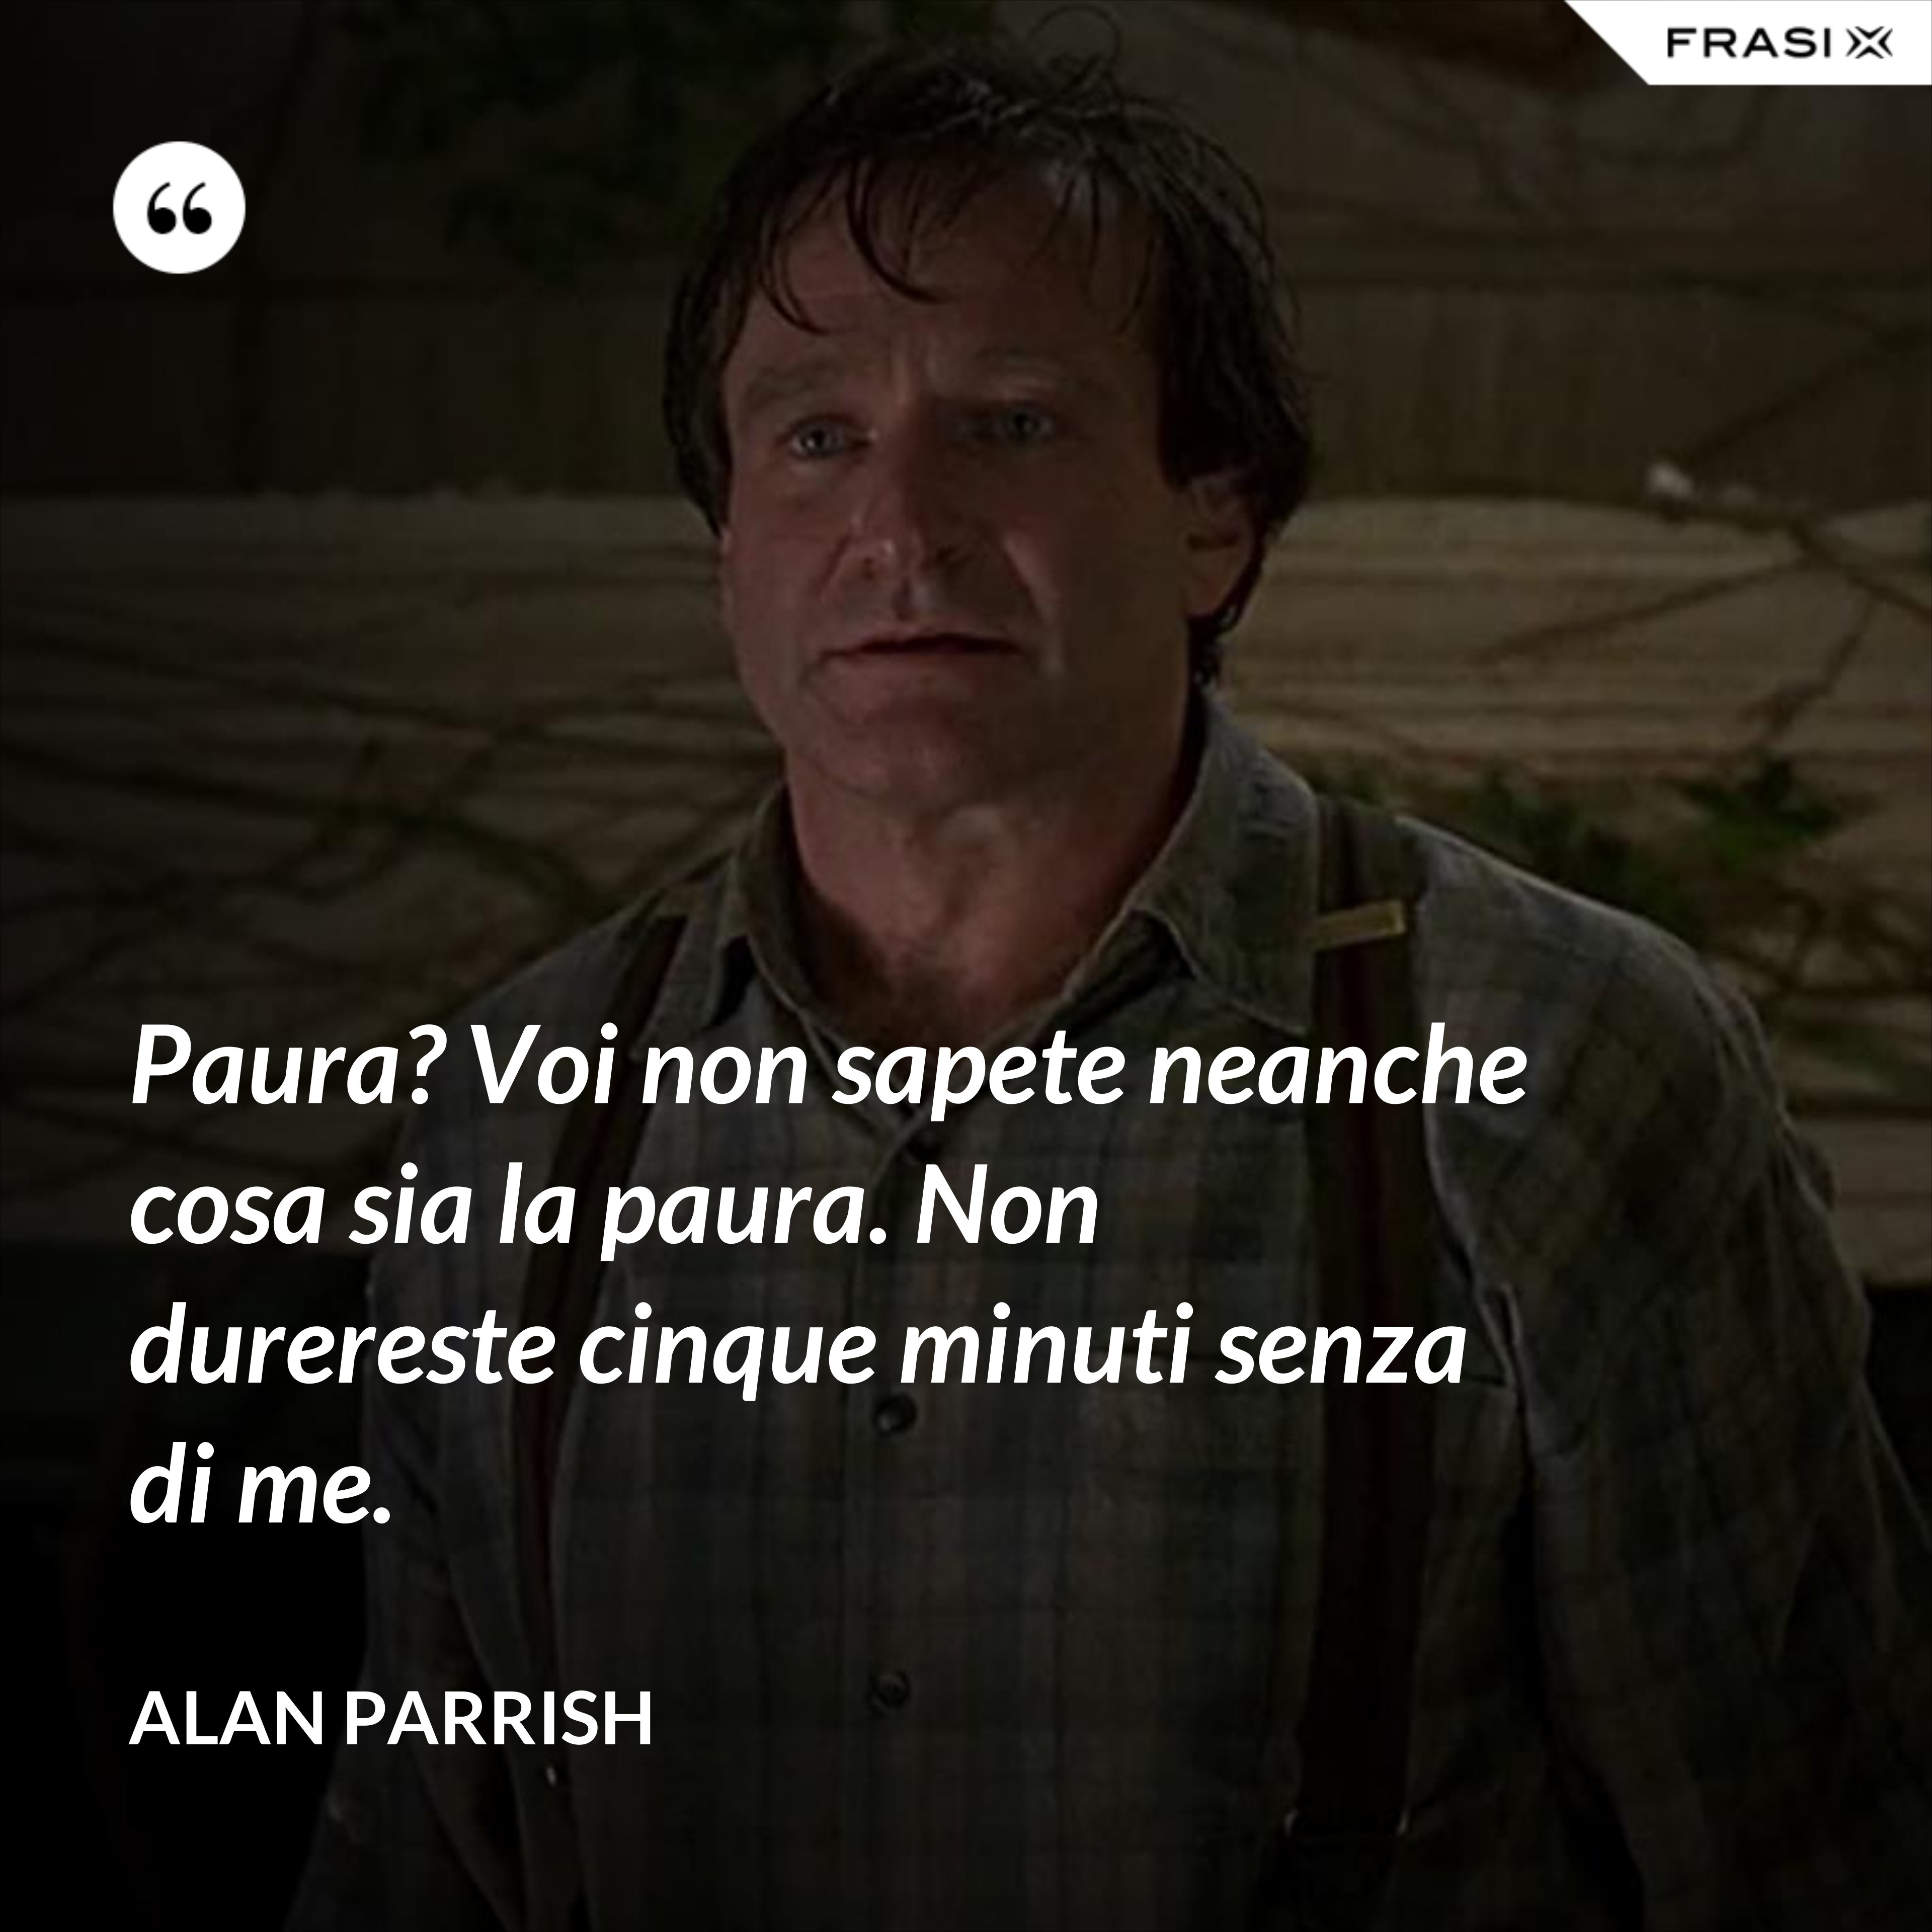 Paura? Voi non sapete neanche cosa sia la paura. Non durereste cinque minuti senza di me. - Alan Parrish